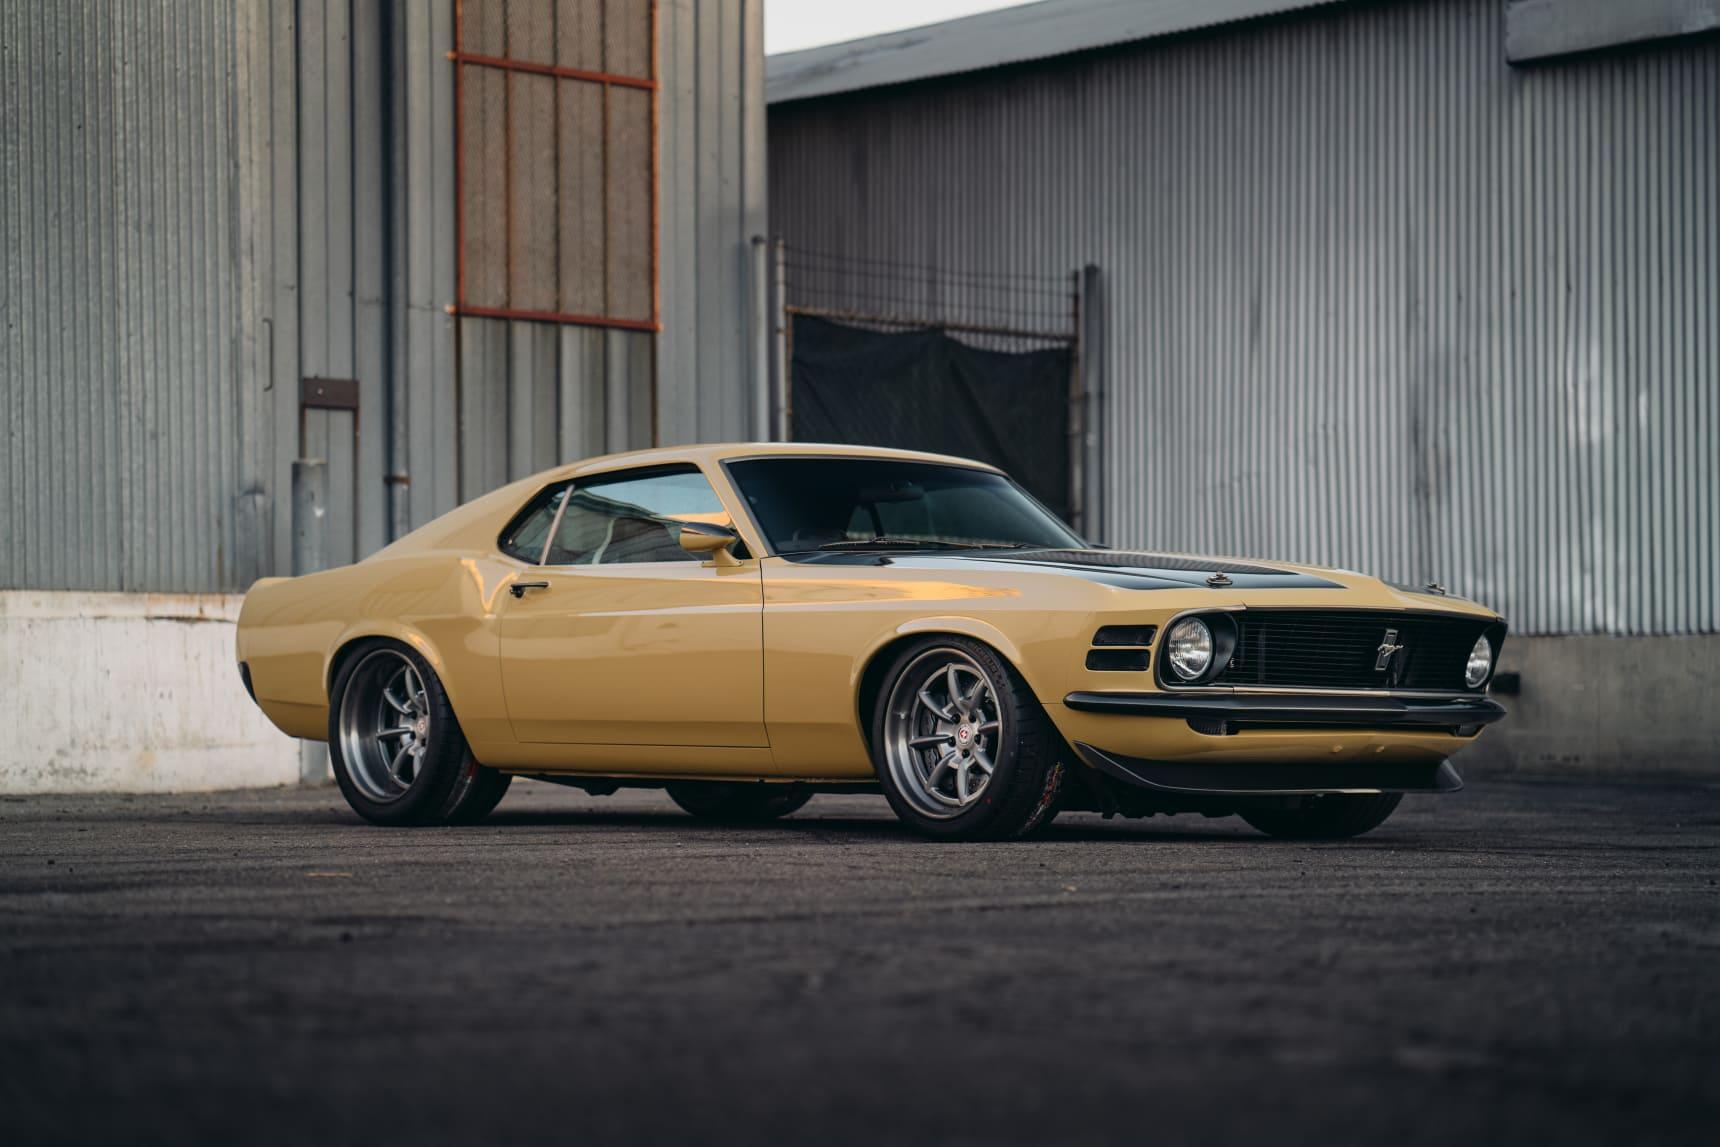 Ein wahrgewordener Männertraum mit 667 PS: Robert Downey Jr's Mustang von 1970 1